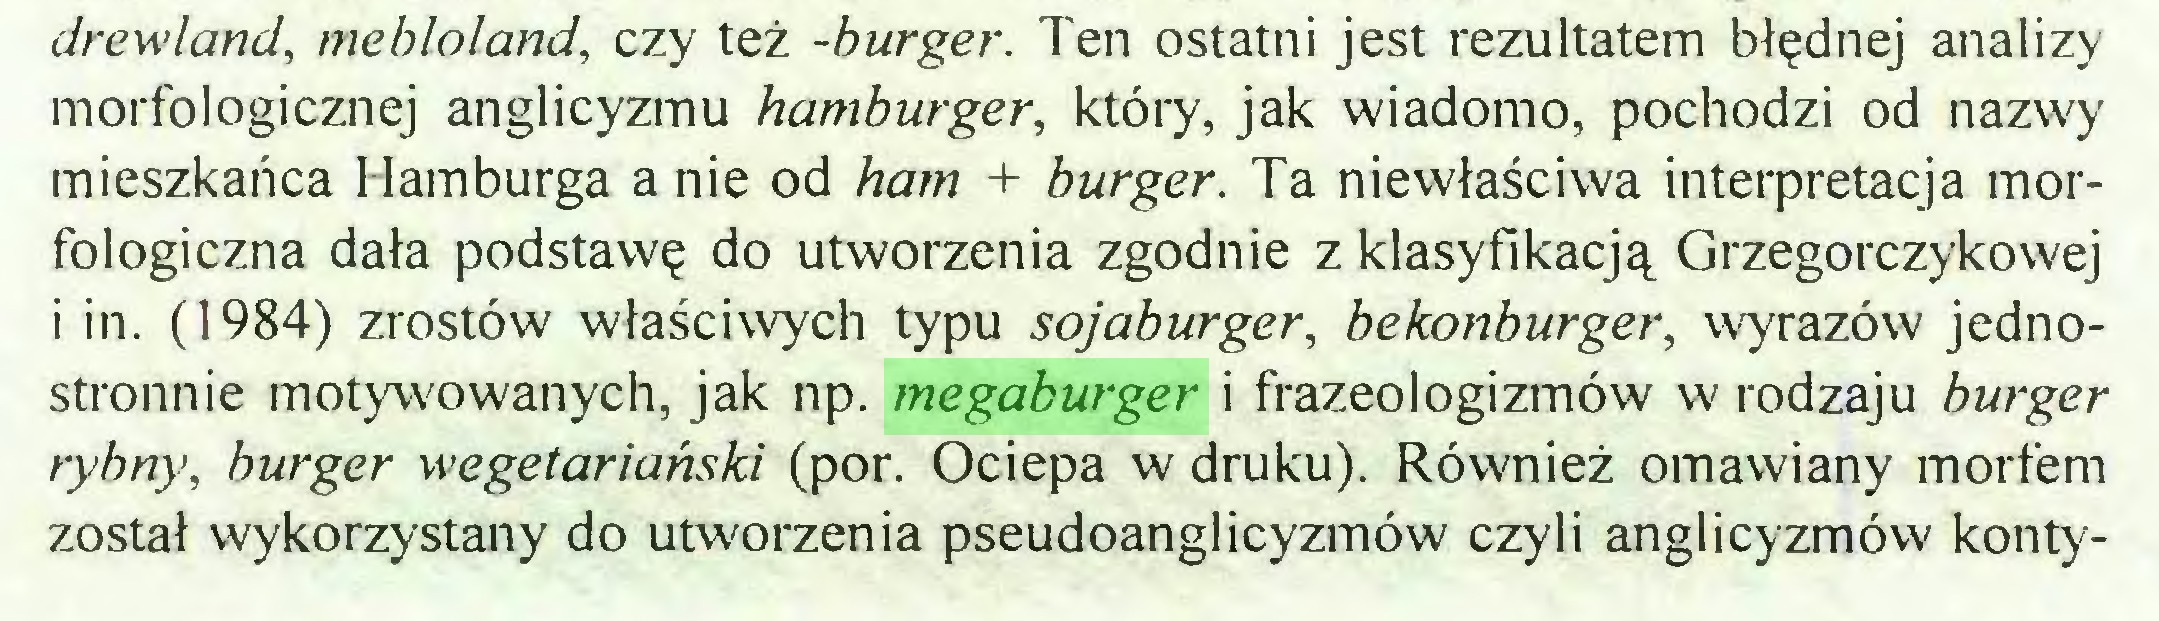 (...) drewland, mehloland, czy też -burger. Ten ostatni jest rezultatem błędnej analizy morfologicznej anglicyzmu hamburger, który, jak wiadomo, pochodzi od nazwy mieszkańca Hamburga a nie od ham + burger. Ta niewłaściwa interpretacja morfologiczna dała podstawę do utworzenia zgodnie z klasyfikacją Grzegorczykowej i in. (1984) zrostów właściwych typu sojaburger, bekonburger, wyrazów jednostronnie motywowanych, jak np. megaburger i frazeologizmów w rodzaju burger rybny, burger wegetariański (por. Ociepa w druku). Również omawiany morfem został wykorzystany do utworzenia pseudoanglicyzmów czyli anglicyzmów konty...